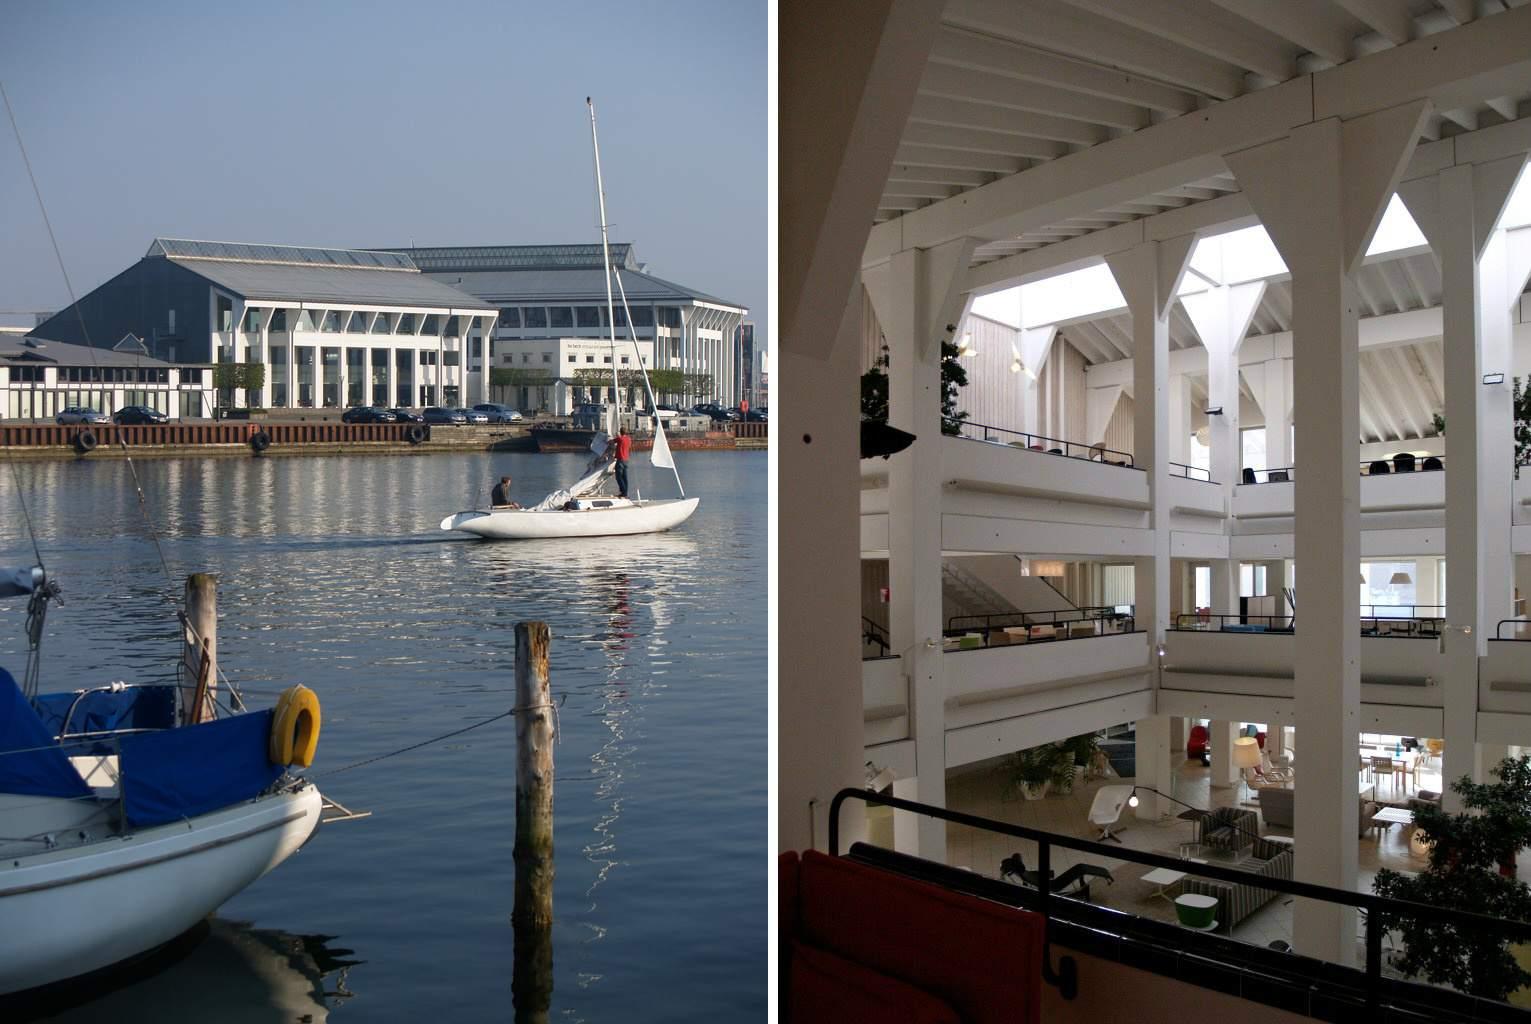 to bilder, igjen er bygninger nær vann og båter;  høyre er romslig interiør galleri med søyler balkonger